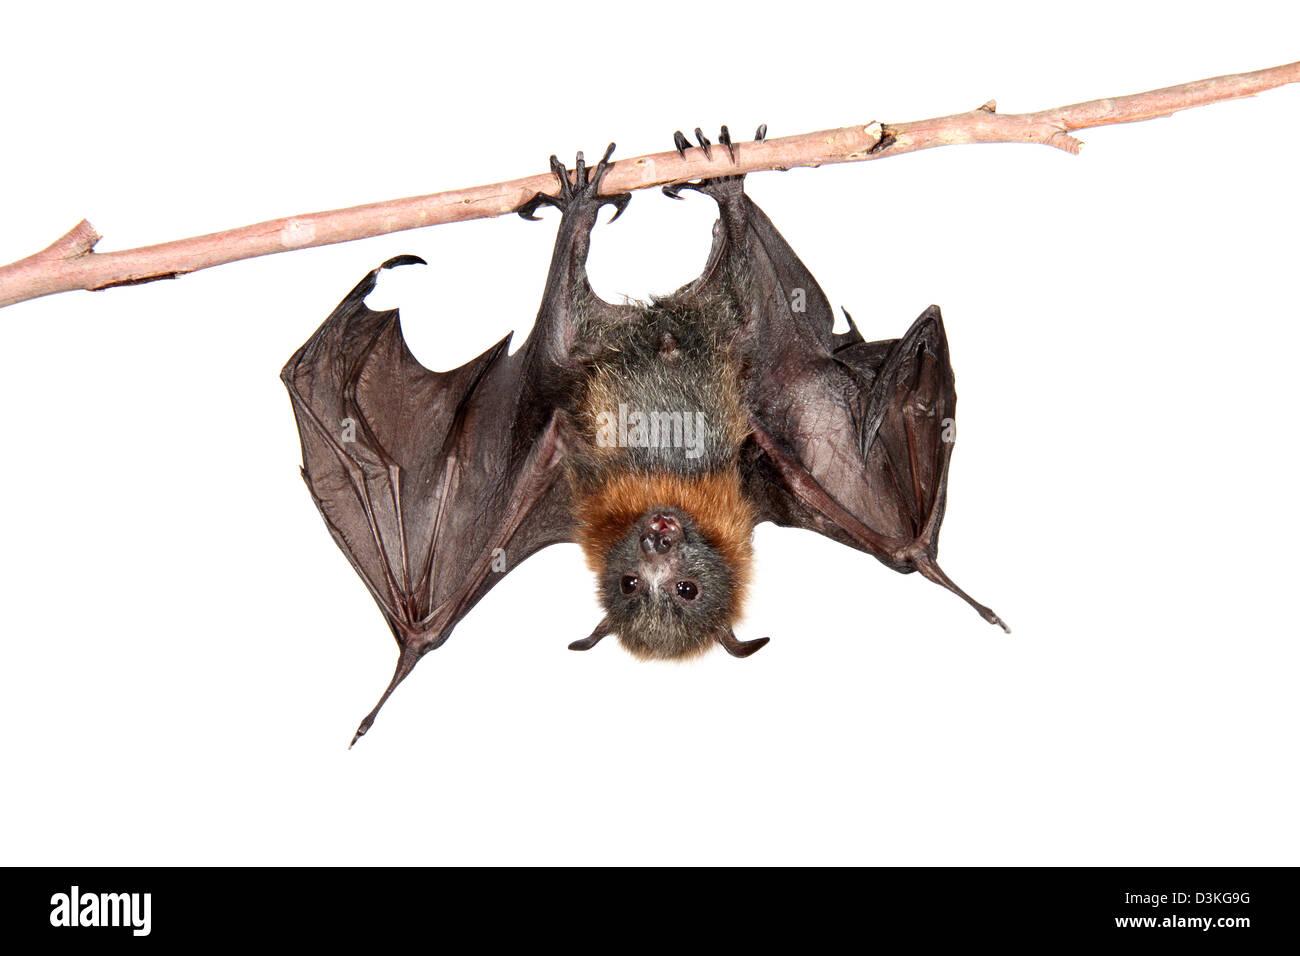 El Zorro Volador de cabeza gris fotografiado en un estudio adecuado para el recorte Imagen De Stock